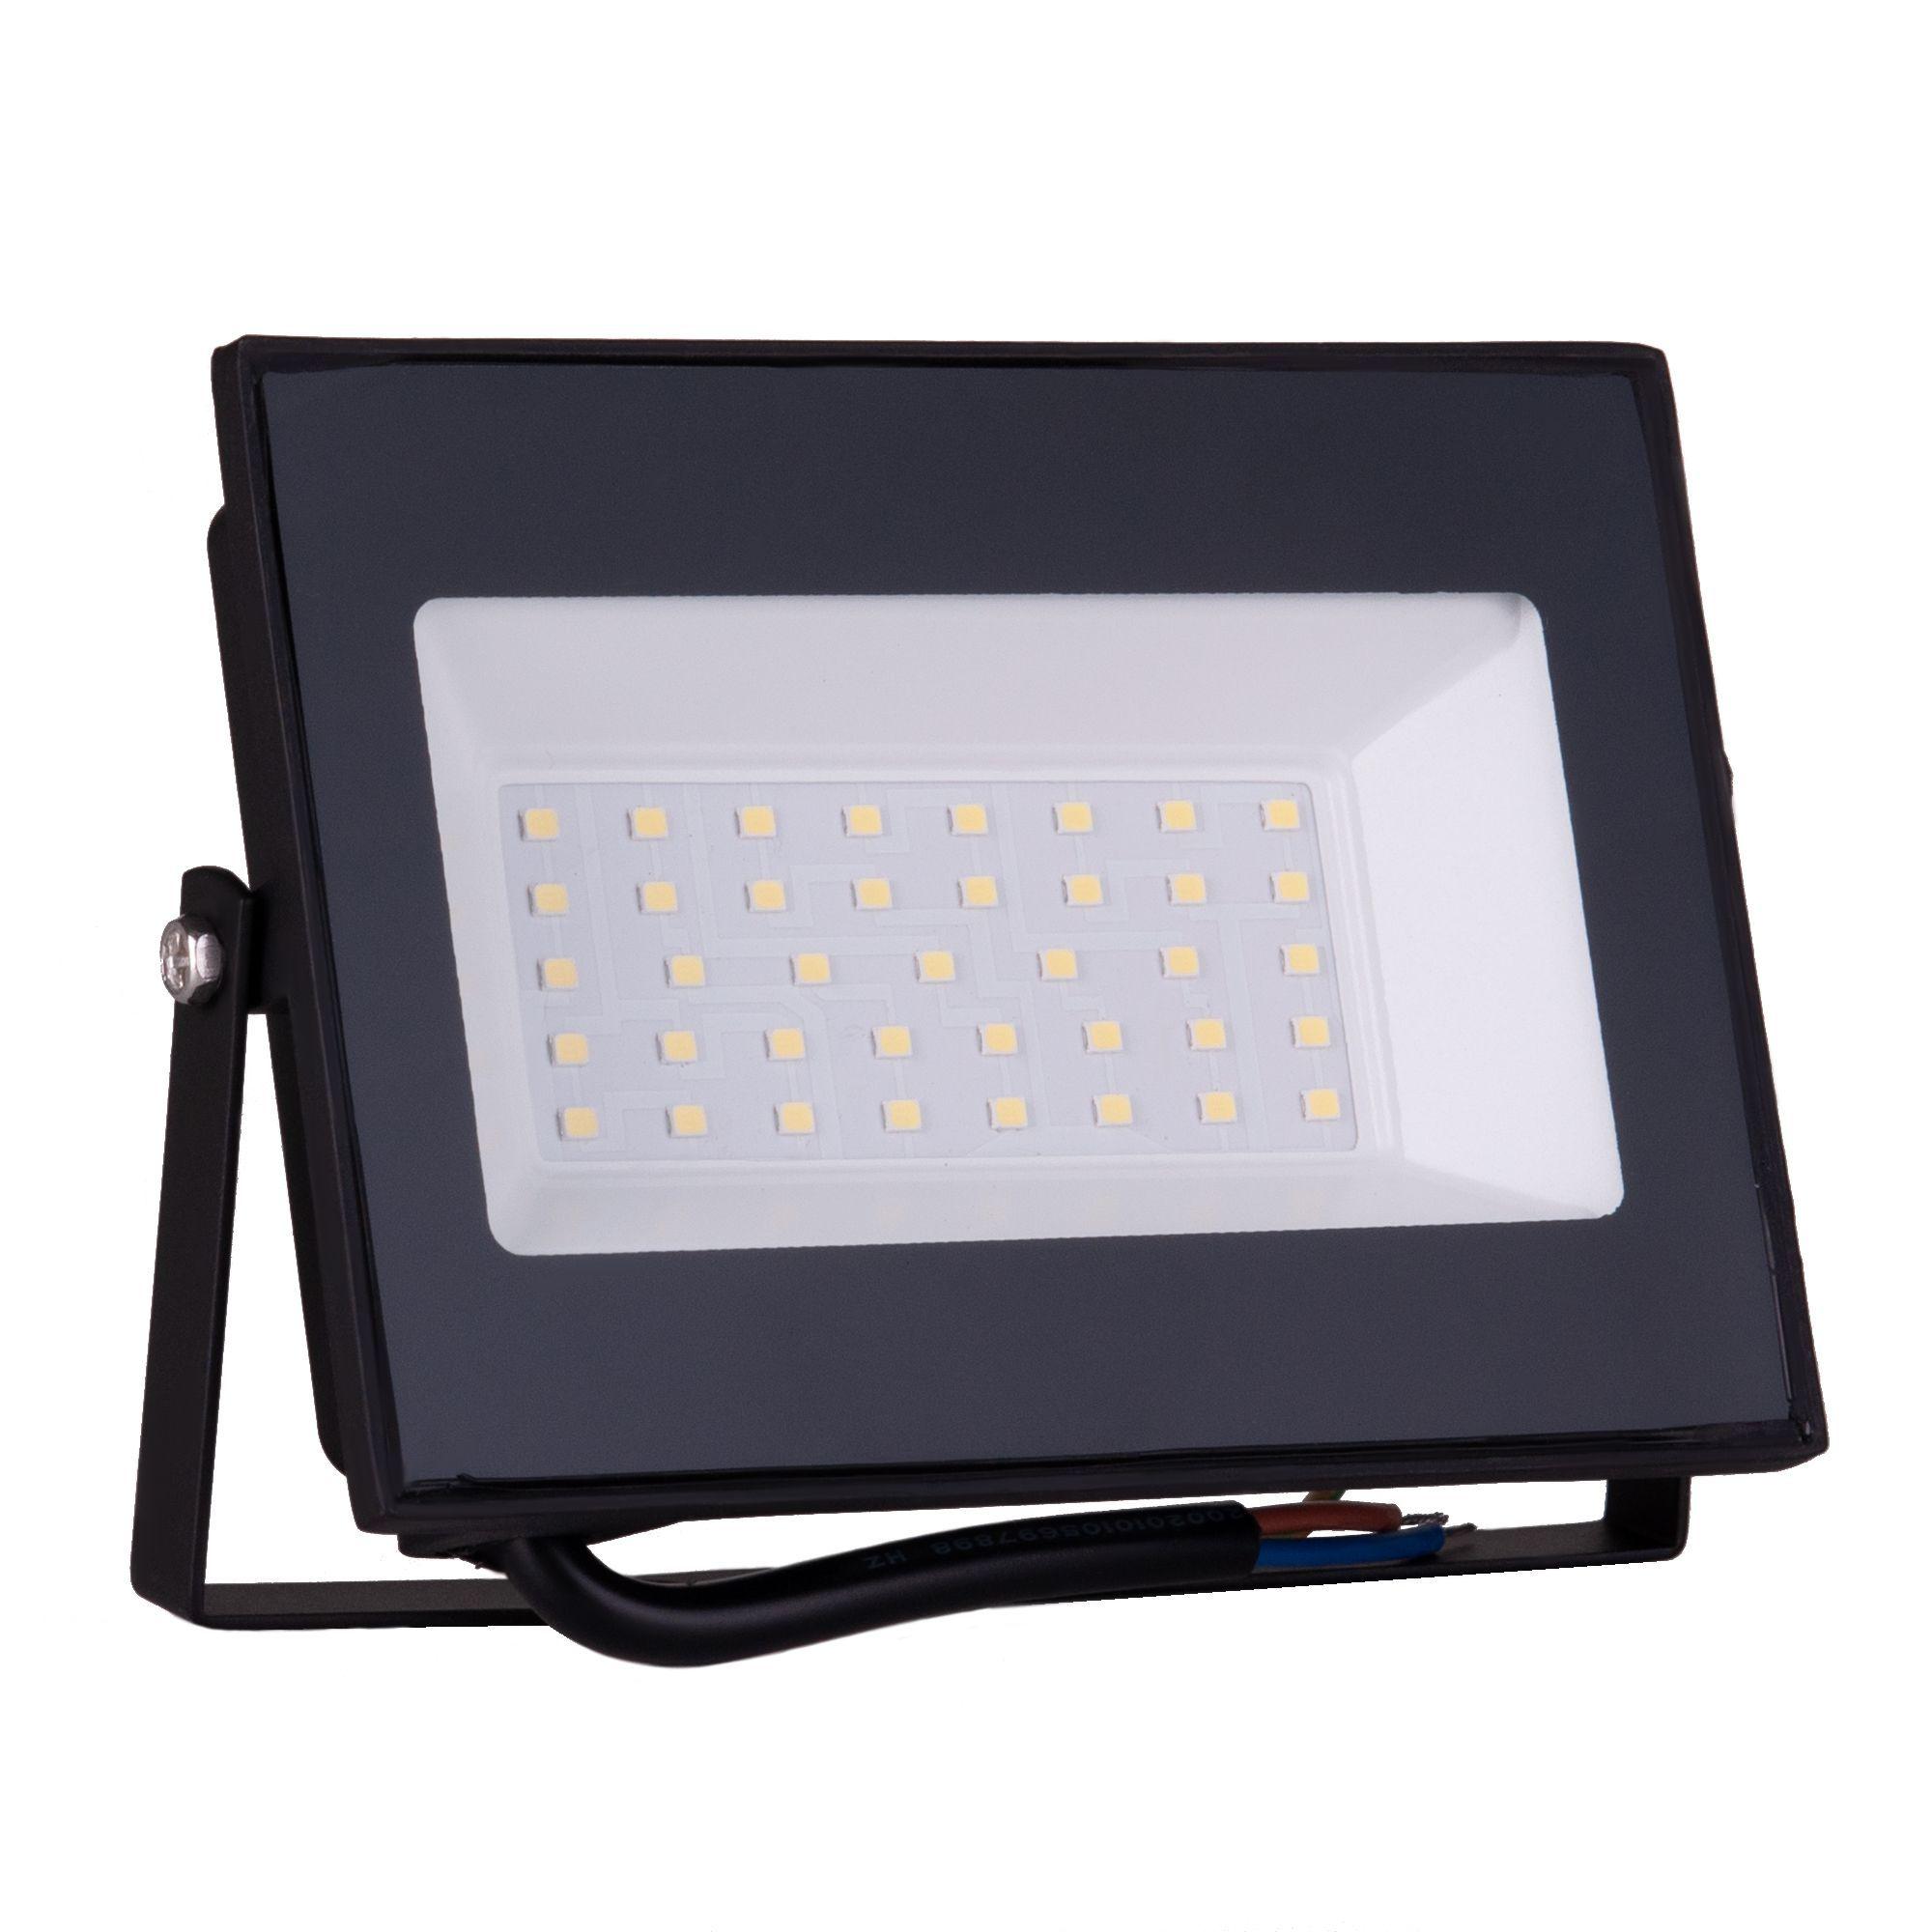 Уличный светодиодный прожектор 50W 6500K IP65 015 FL LED